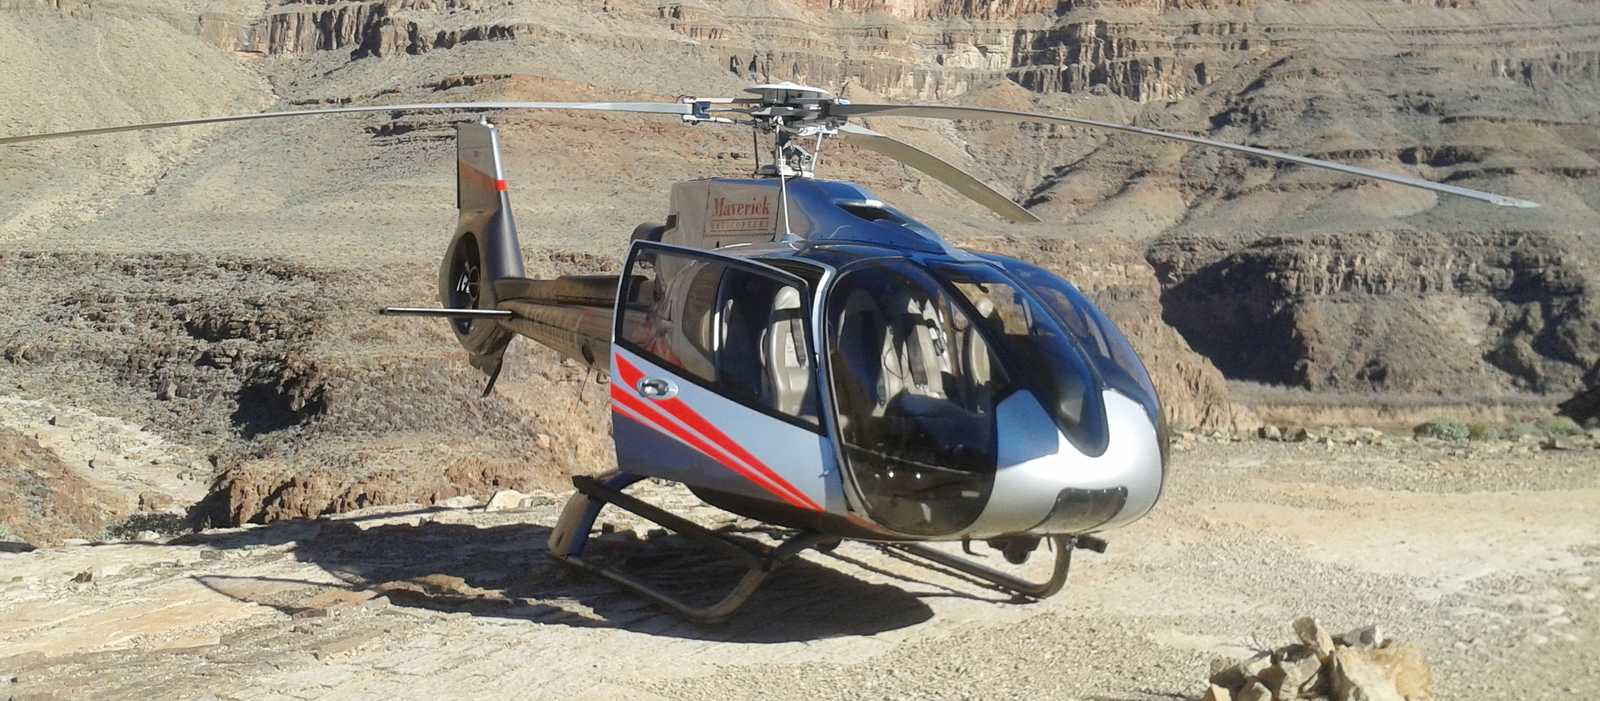 Maverick Helikopter im Grand Canyon